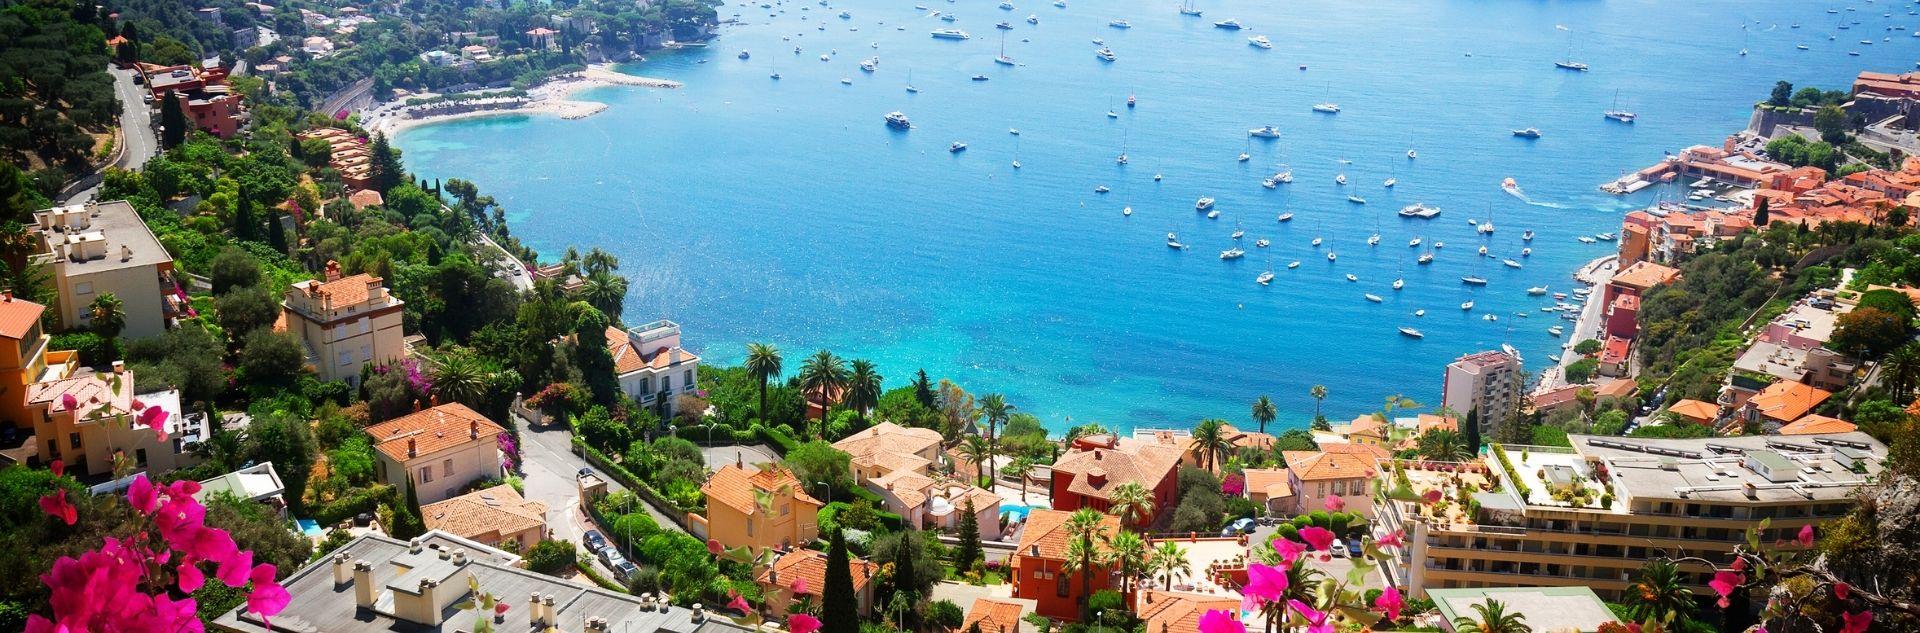 Cote d'Azur: Urlaub am Mittelmeer buchen